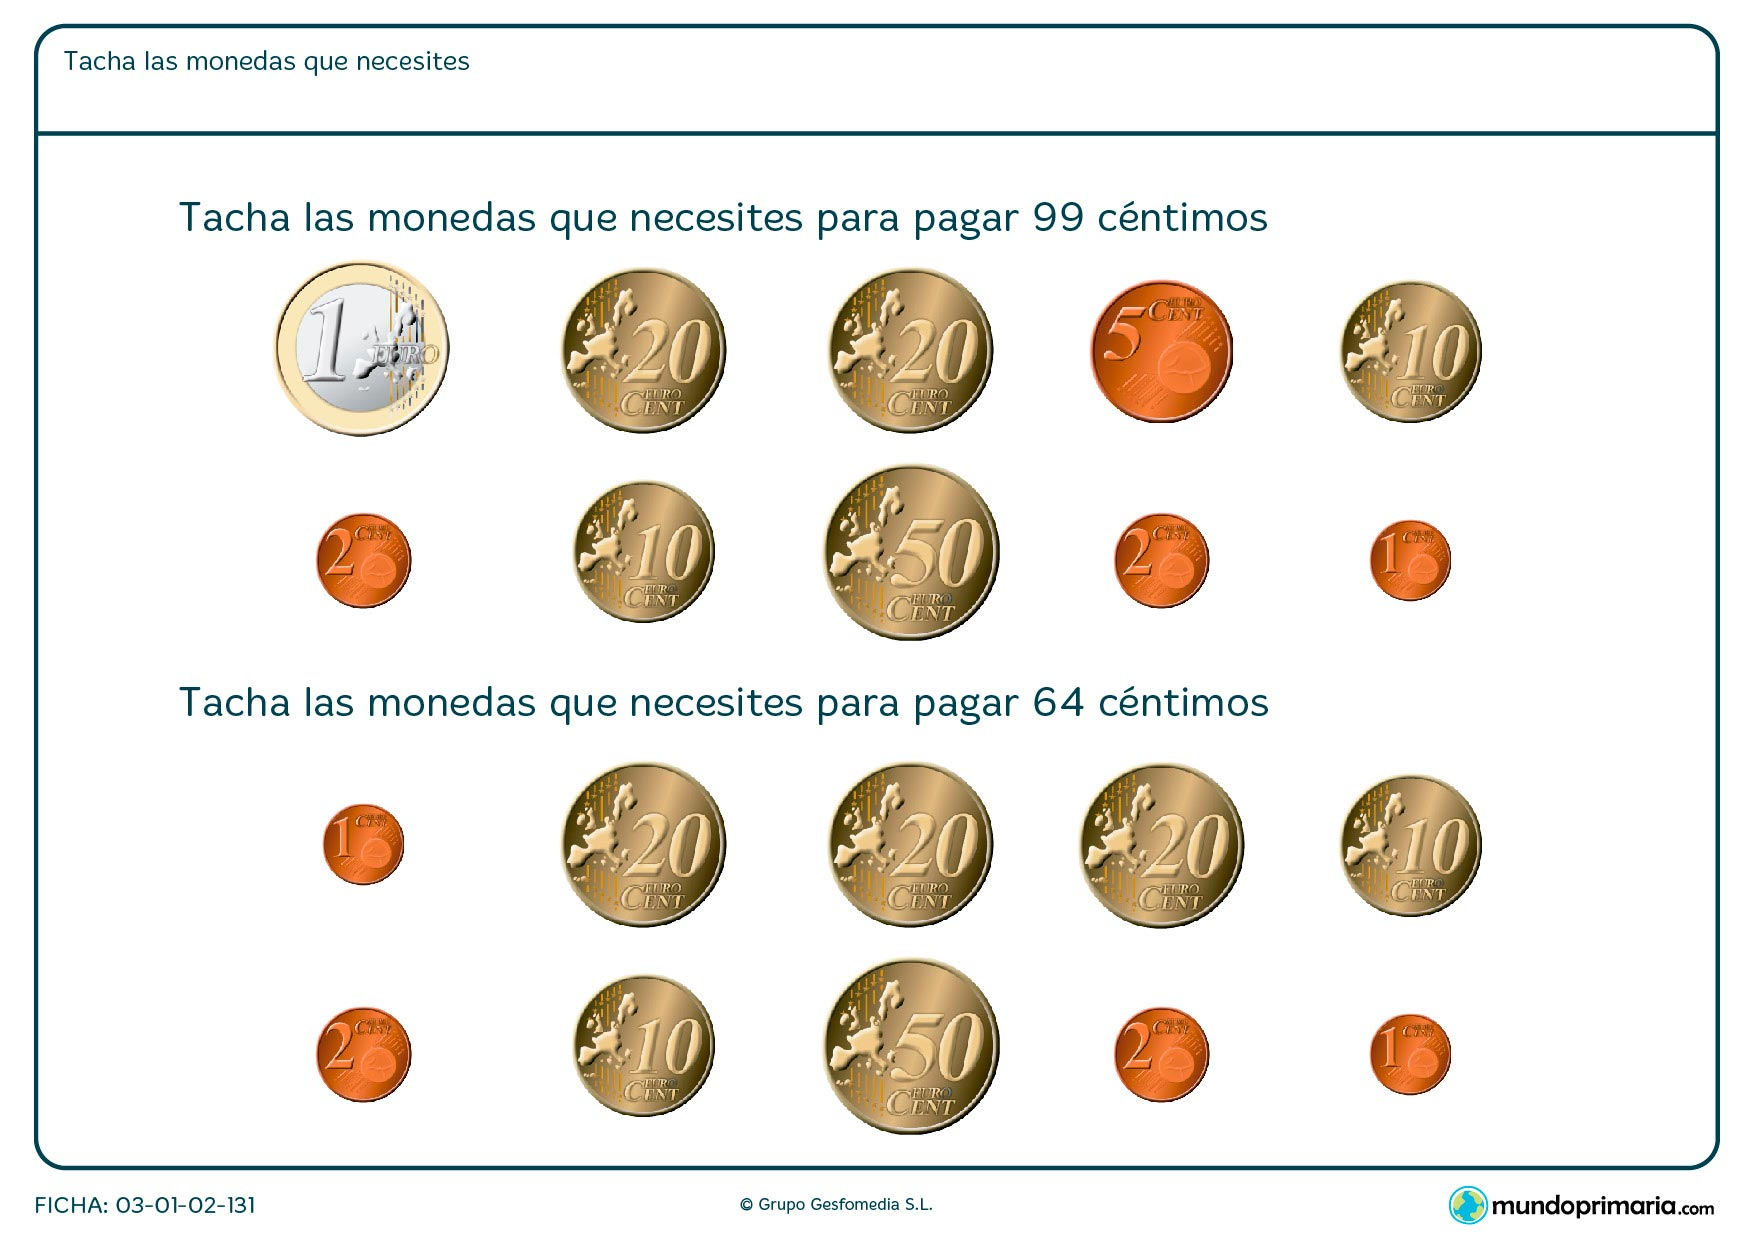 Ficha de qué monedas hacen falta en la que hay que elegir las monedas que necesitas para sumar una cantidad de dinero.